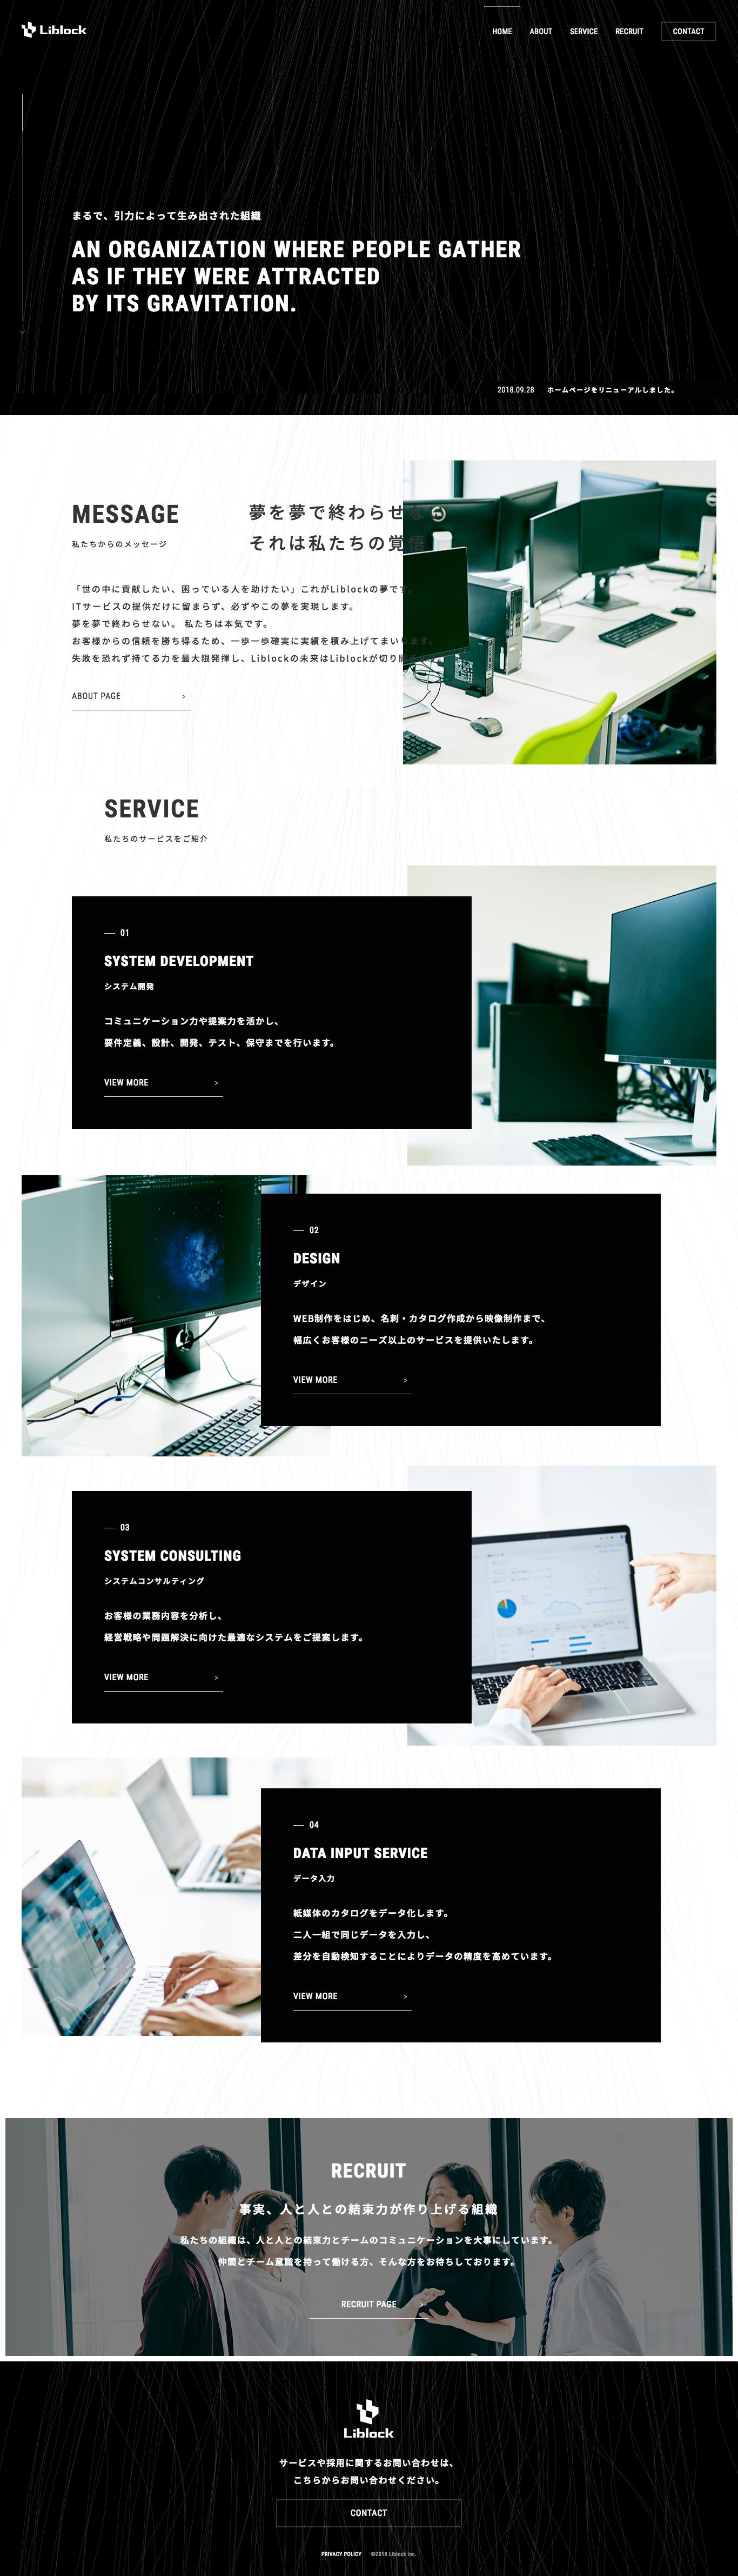 株式会社リブロック ウェブサイト